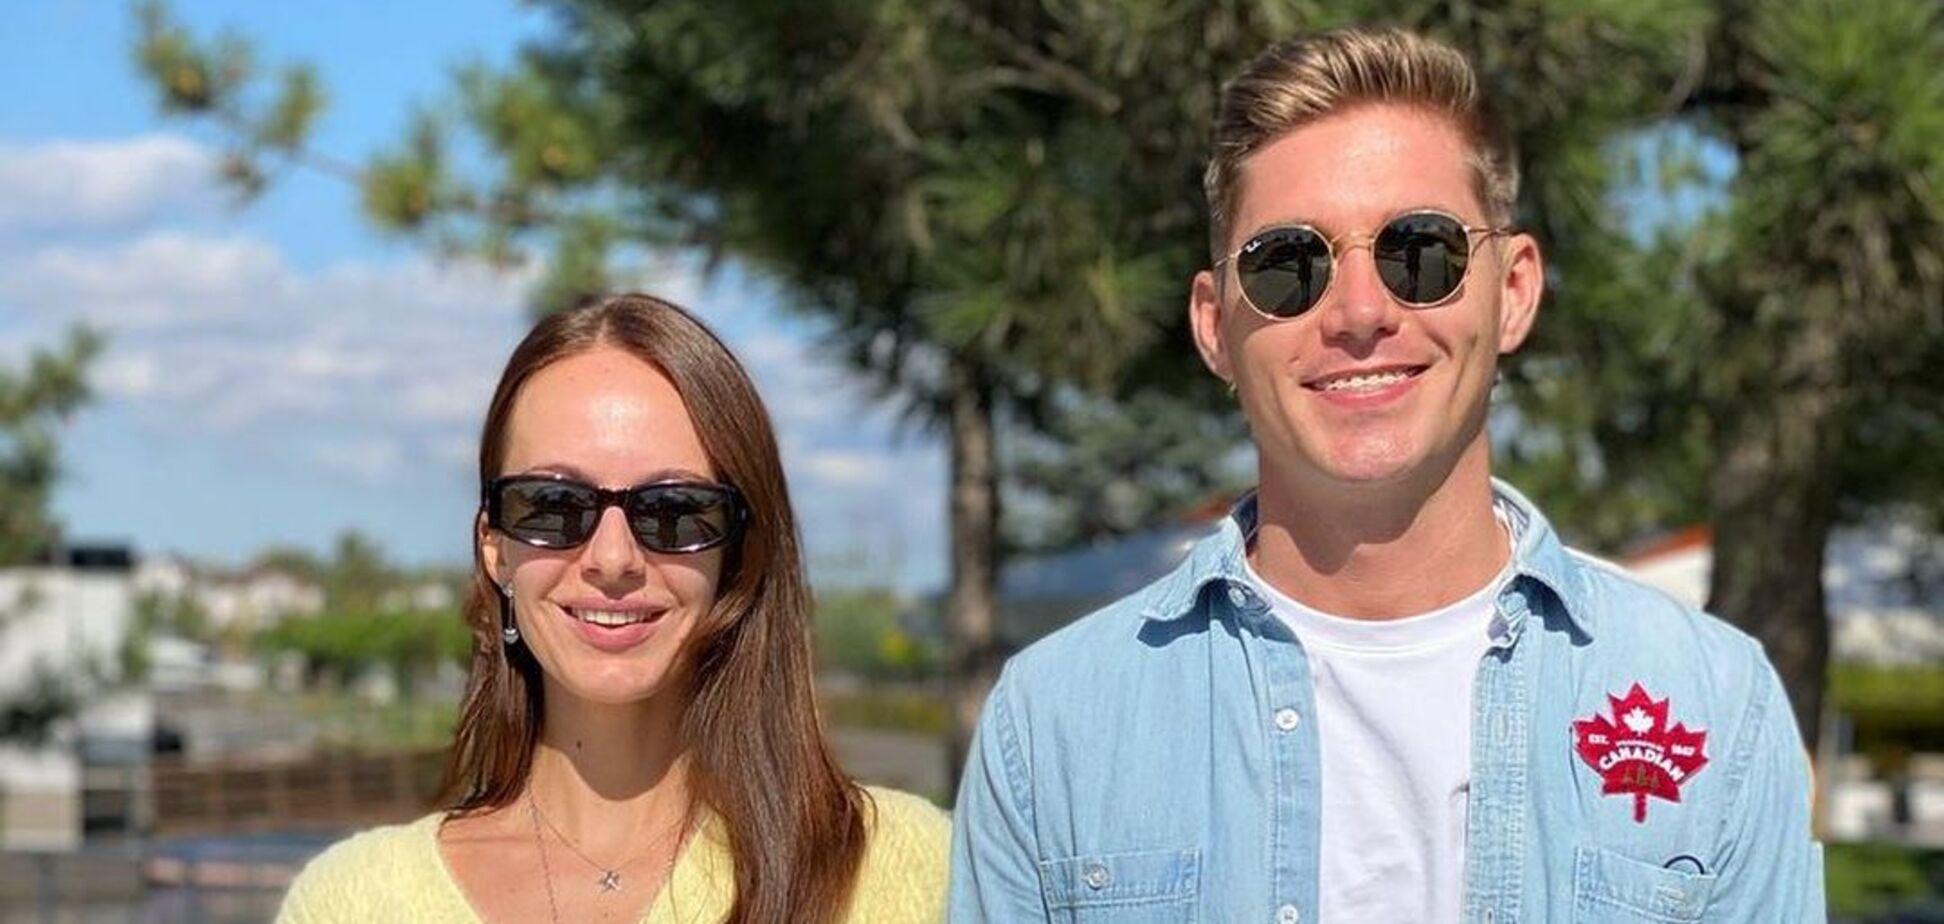 Кристина Горняк и Владимир Остапчук